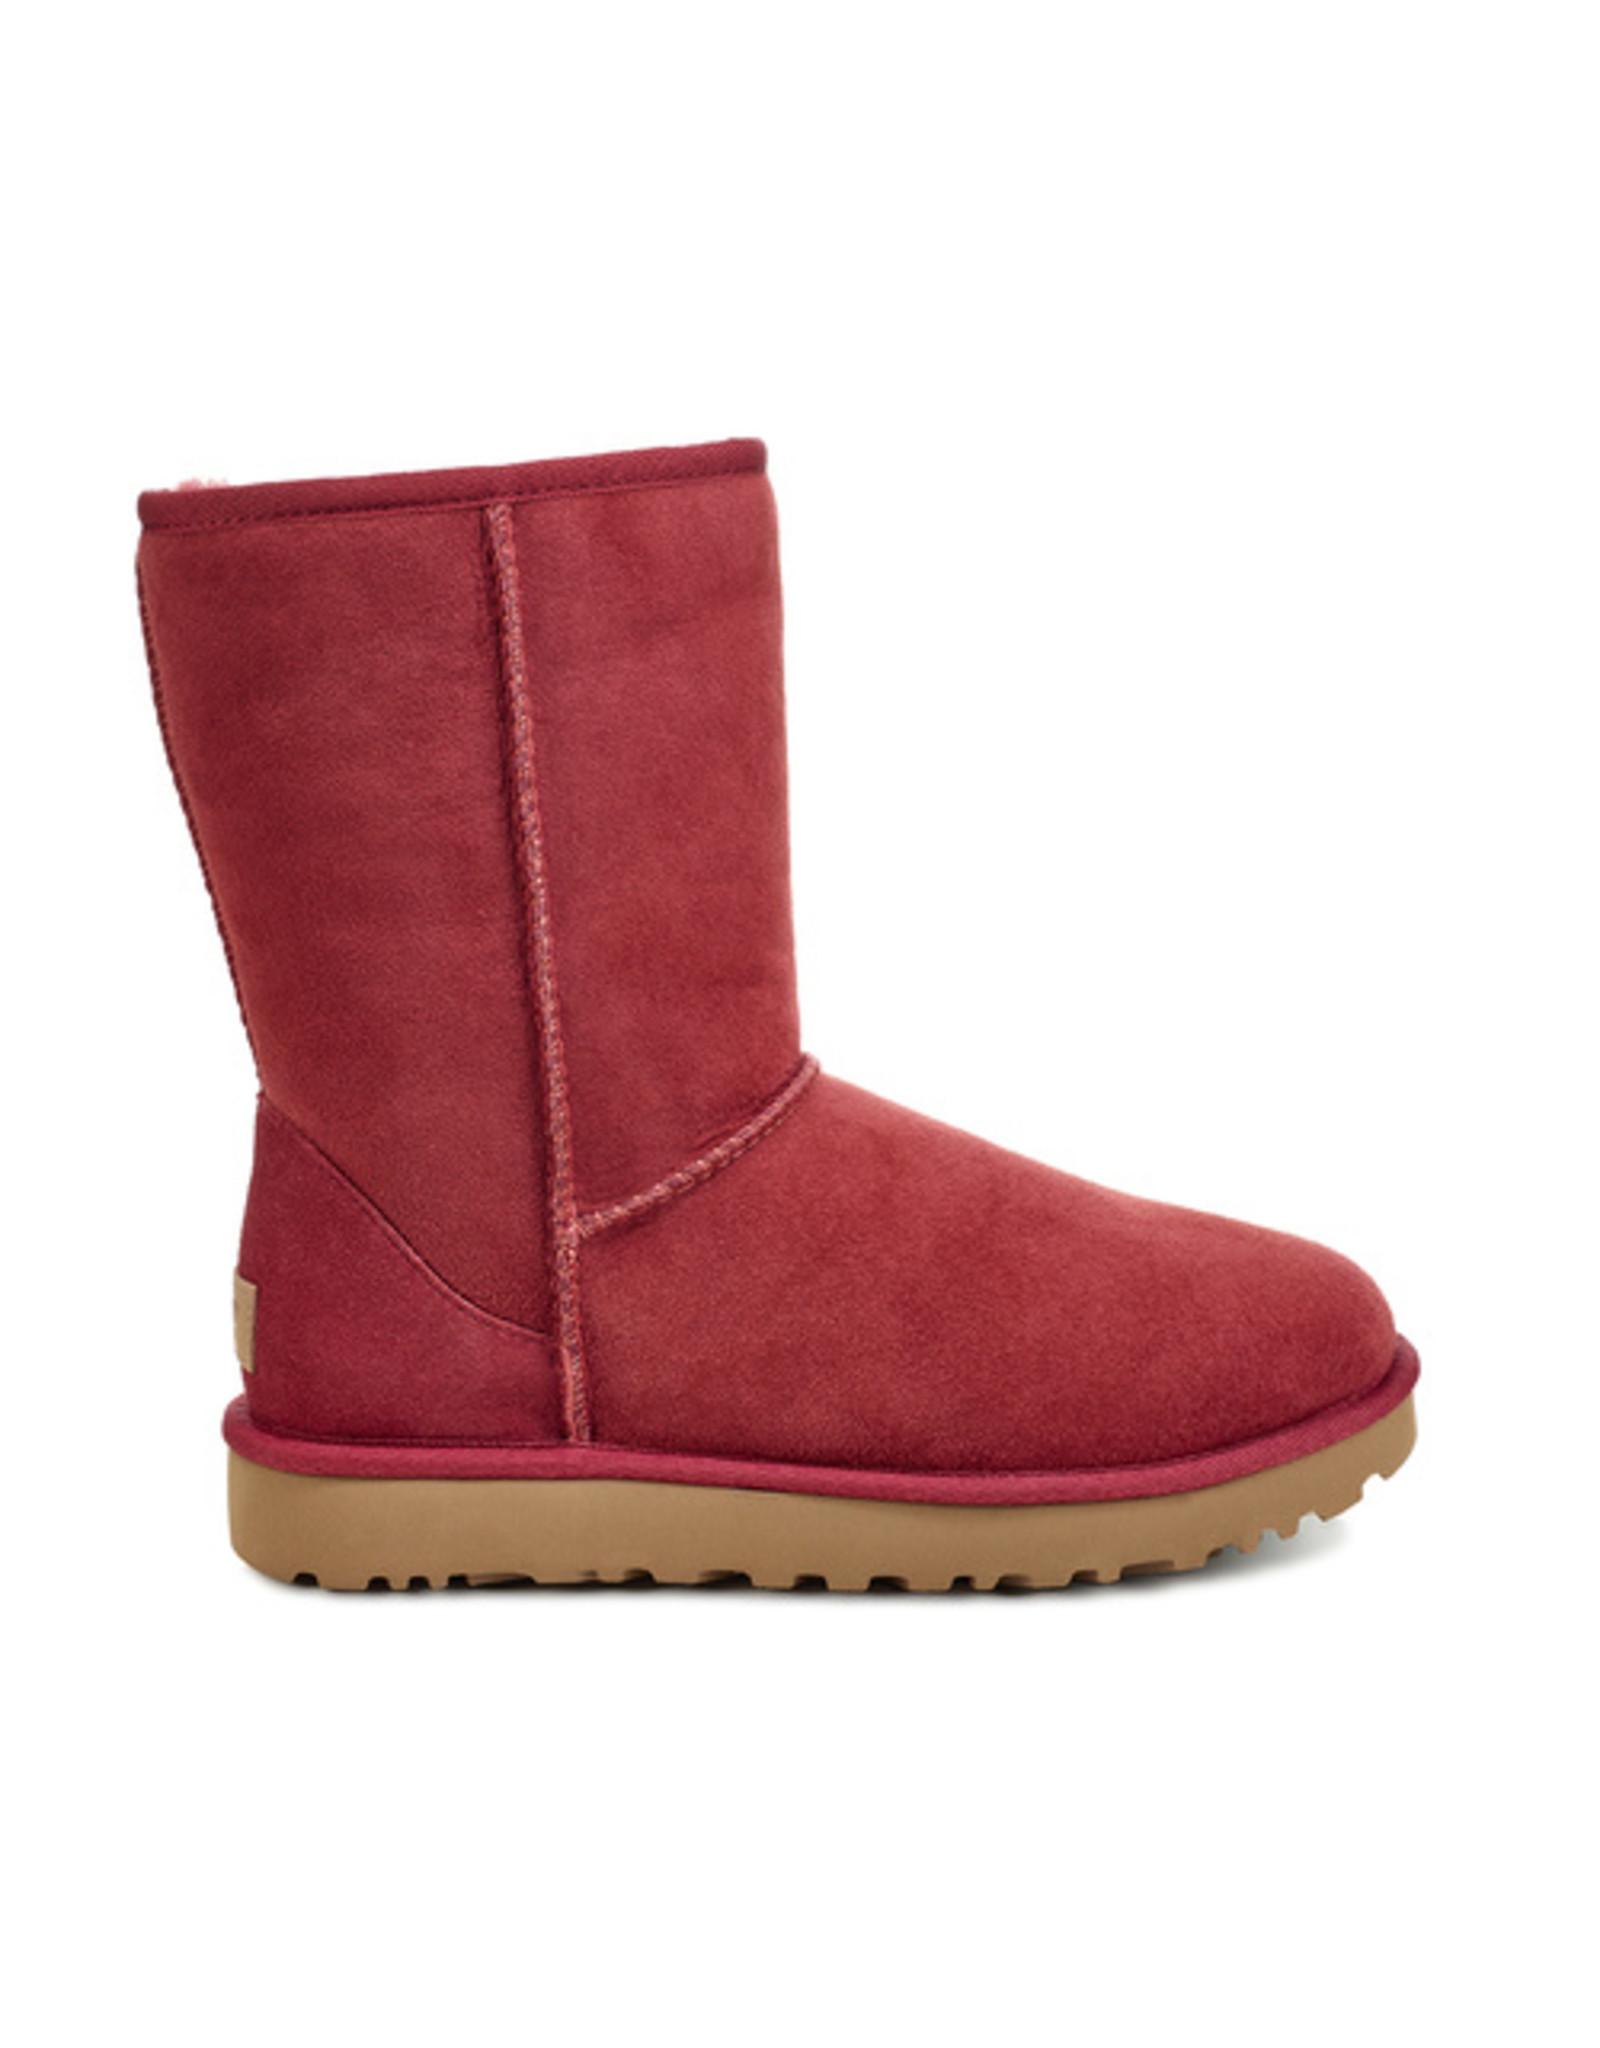 UGG WOMEN'S CLASSIC SHORT II-RIBBON RED